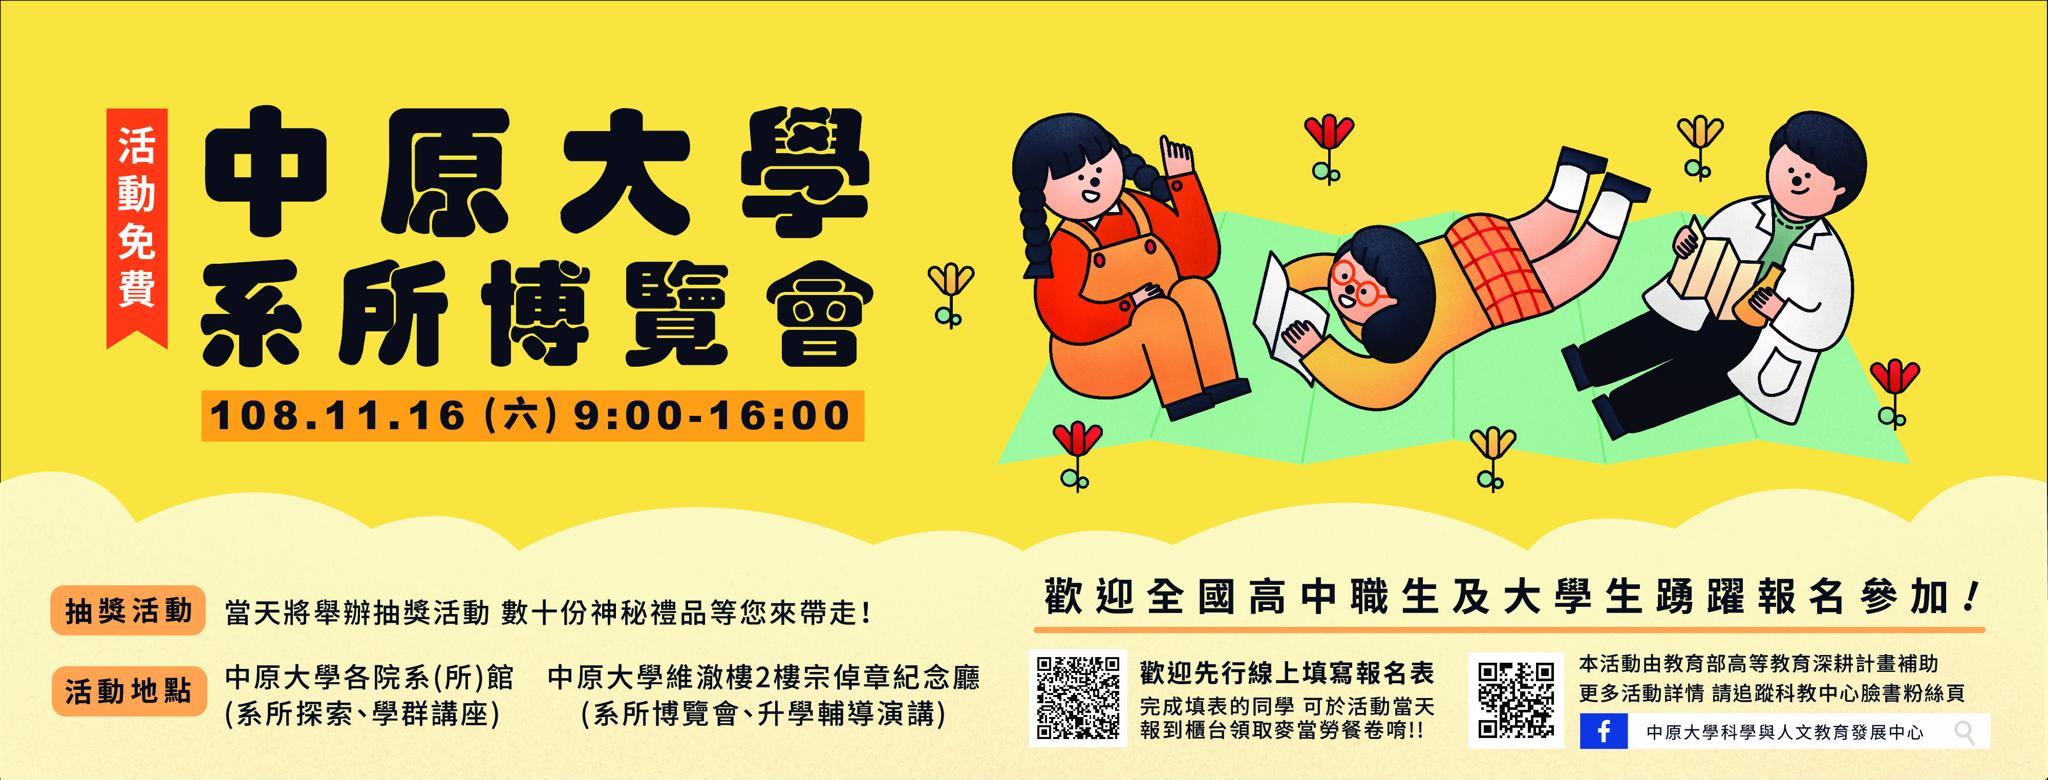 108年11月16日(六)中原大學系所博覽會